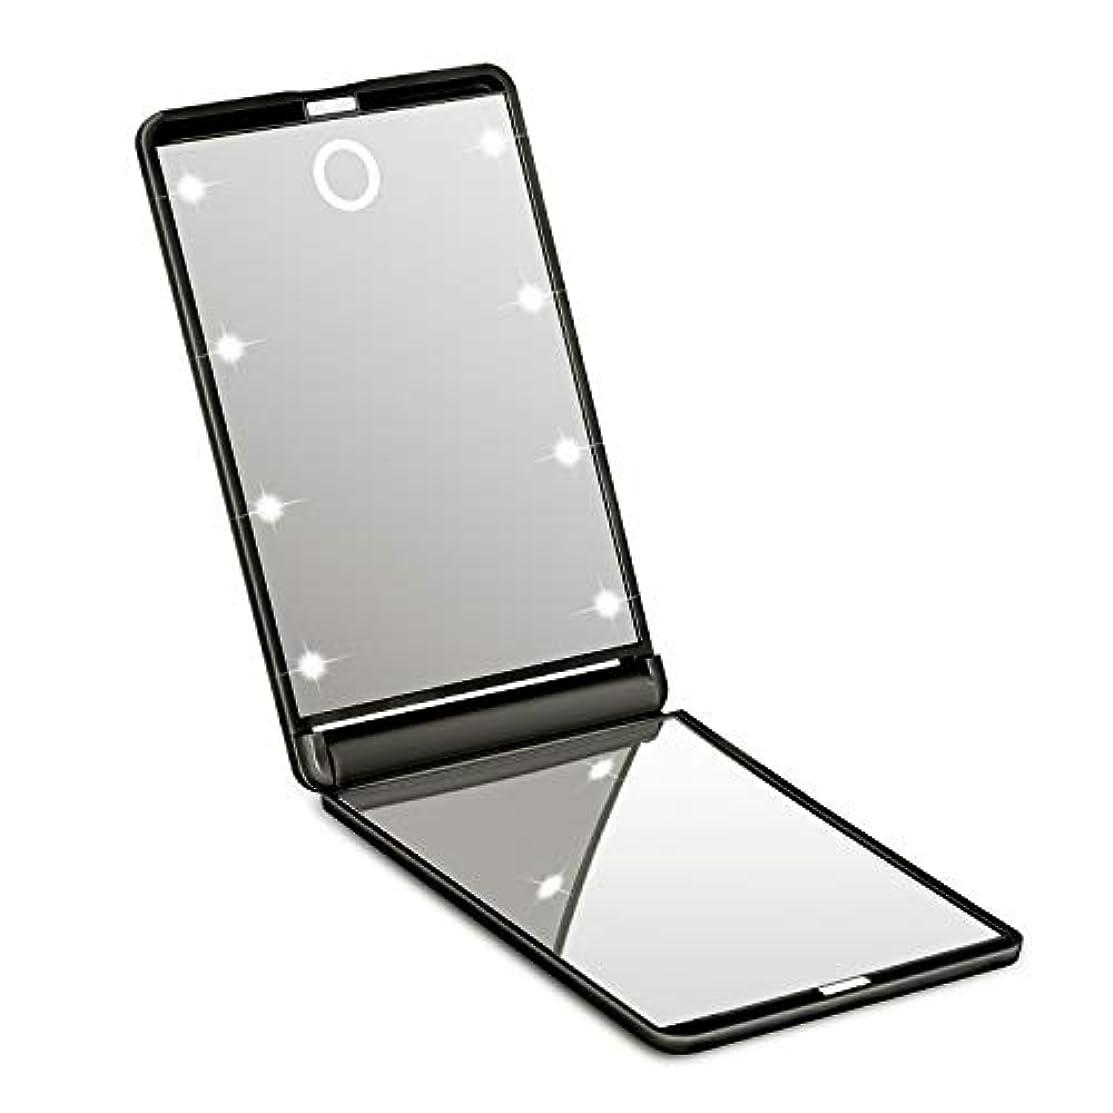 シニススマッシュ概念【2019新版】SOTCAR 化粧鏡 ledミラー 8灯 折りたたみ式 コンパクト 化粧ミラー 女優ミラー 拡大鏡付き手鏡 携帯型 持ち運び便利 可能なスタンドミラー2倍拡大鏡付 明るさ調節可能 (ブラック)